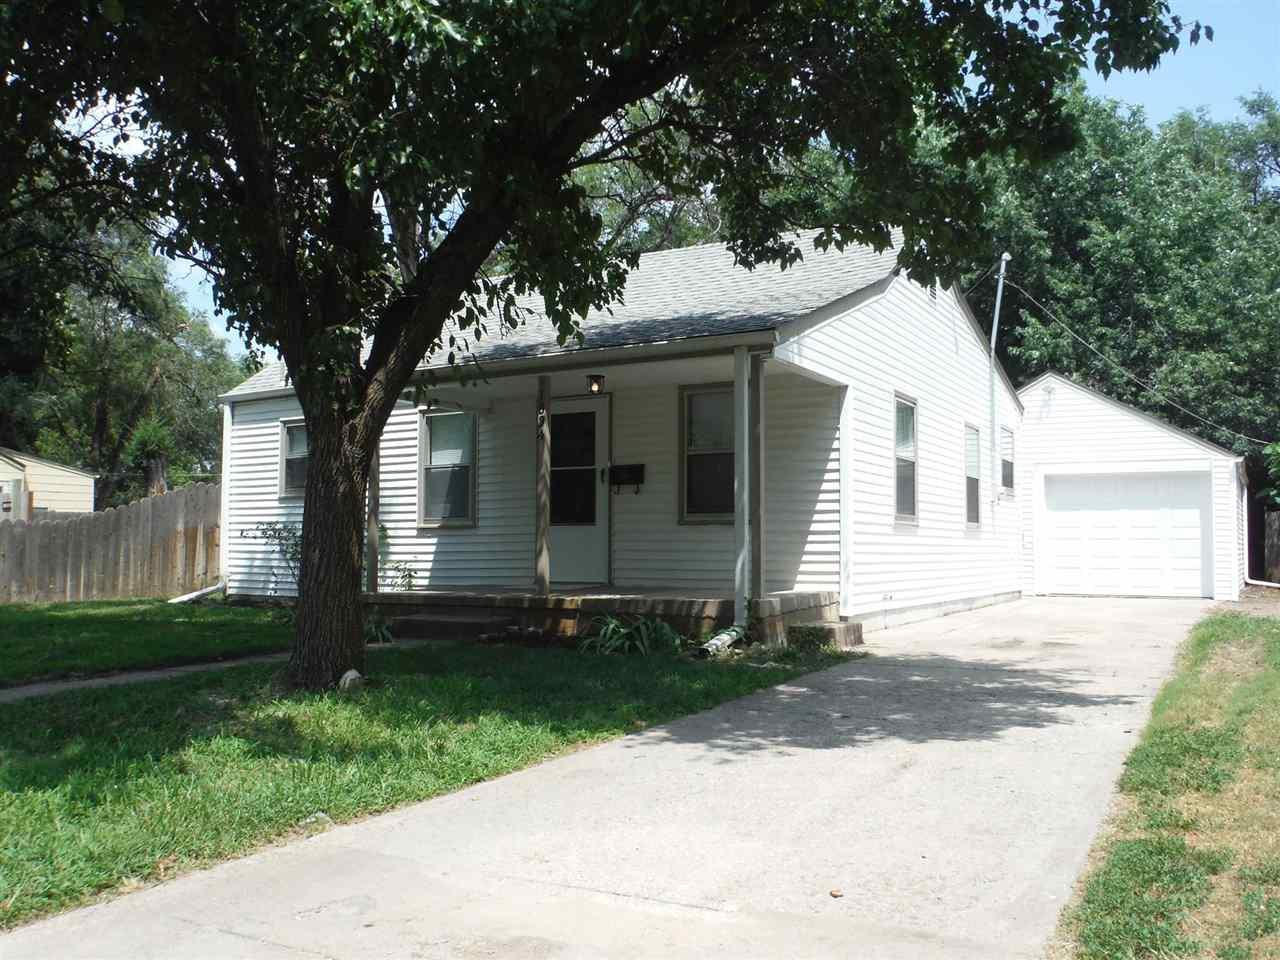 1834 S Emporia Ave, Wichita, KS, 67211